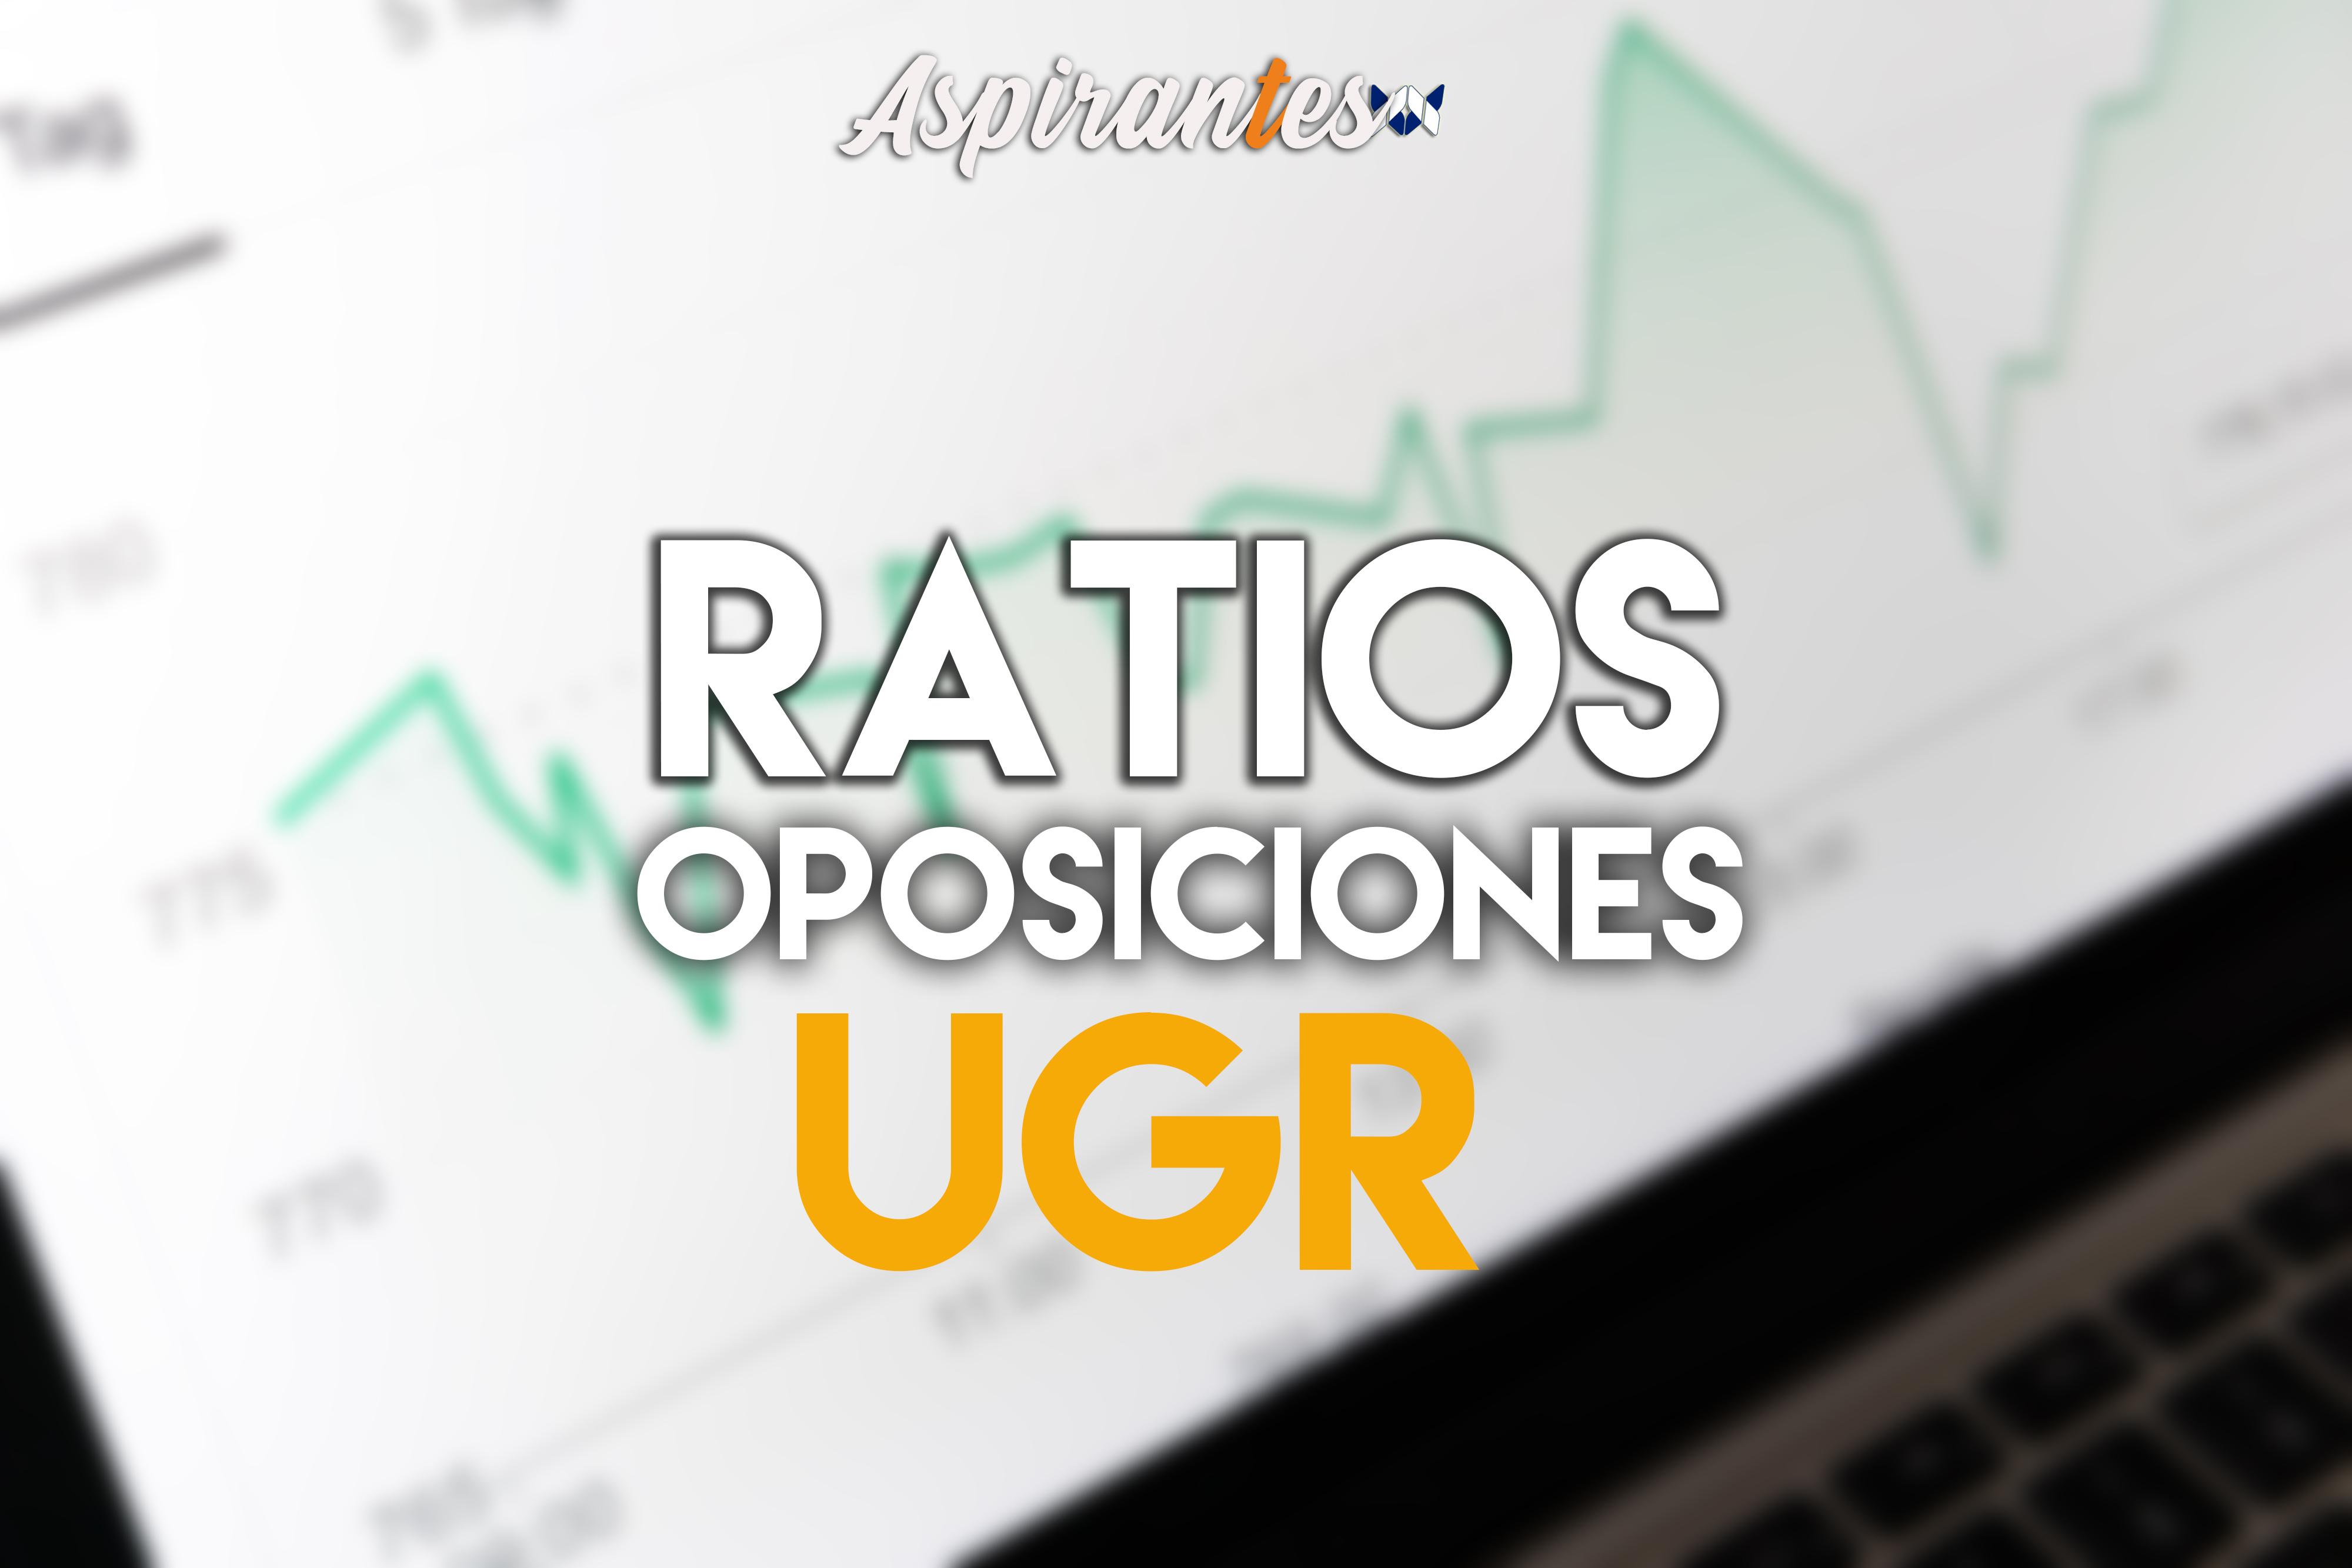 Ratios oposiciones UGR